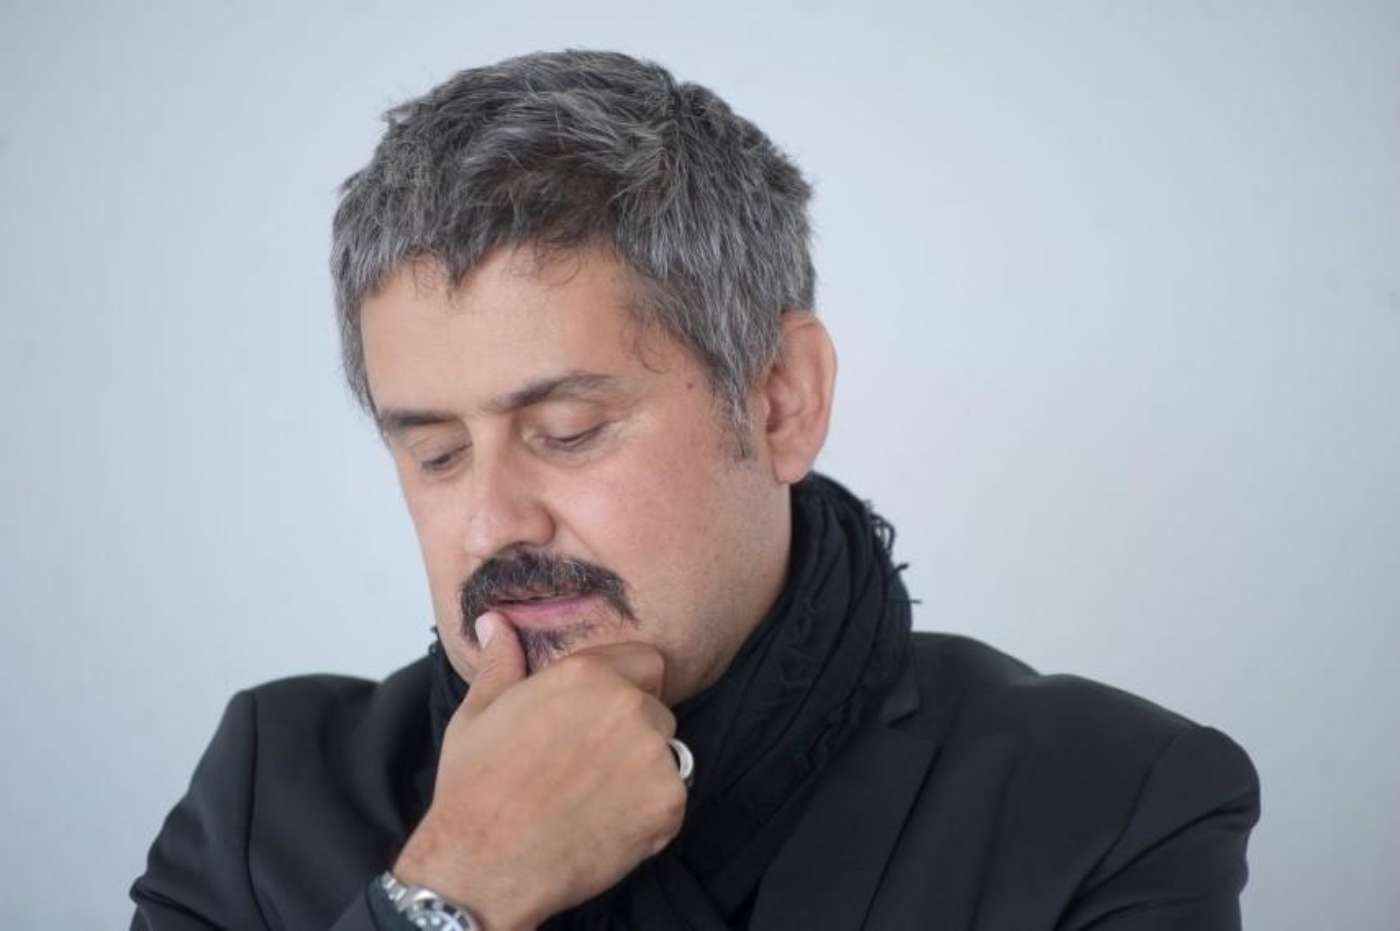 Hernan Diaz-Alonso